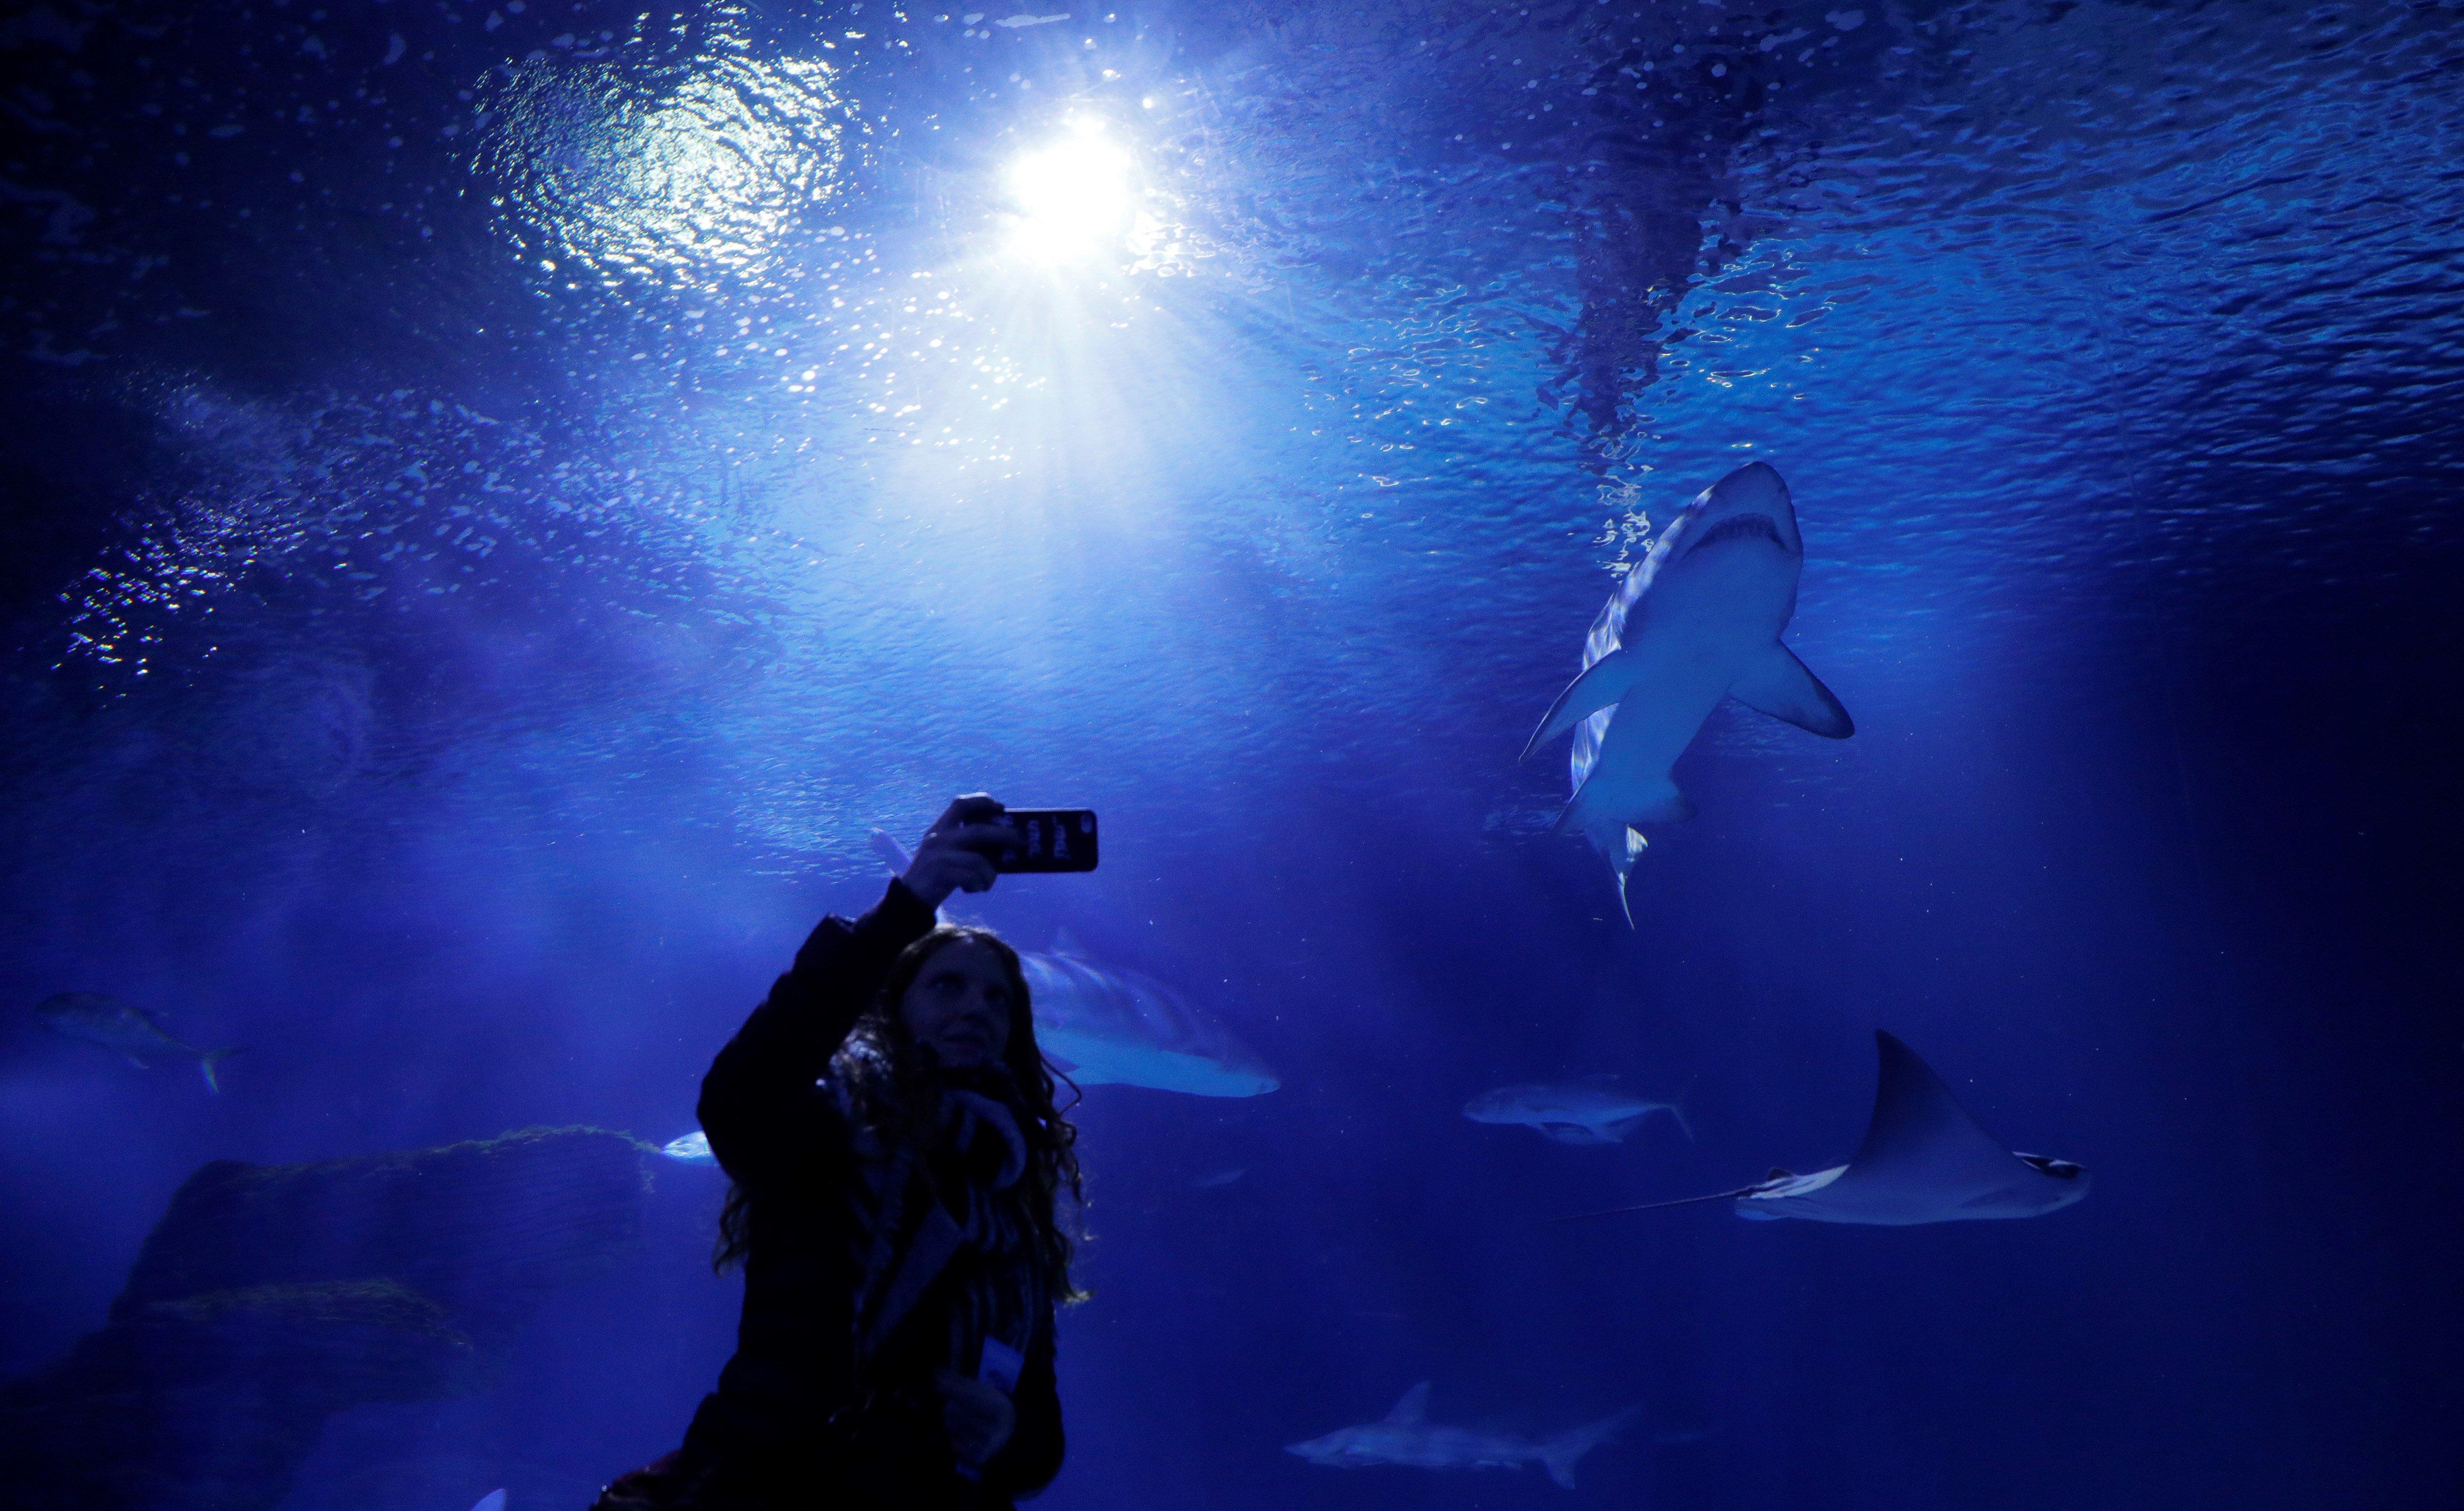 L'oceanògraf Carlos Duarte ha presentat uns sensors per explorar els oceans que utilitzen els últims avanços en nanotecnologia, ciència dels materials i internet de les coses para monitorar animals. València. /KAI FÖRSTERLING